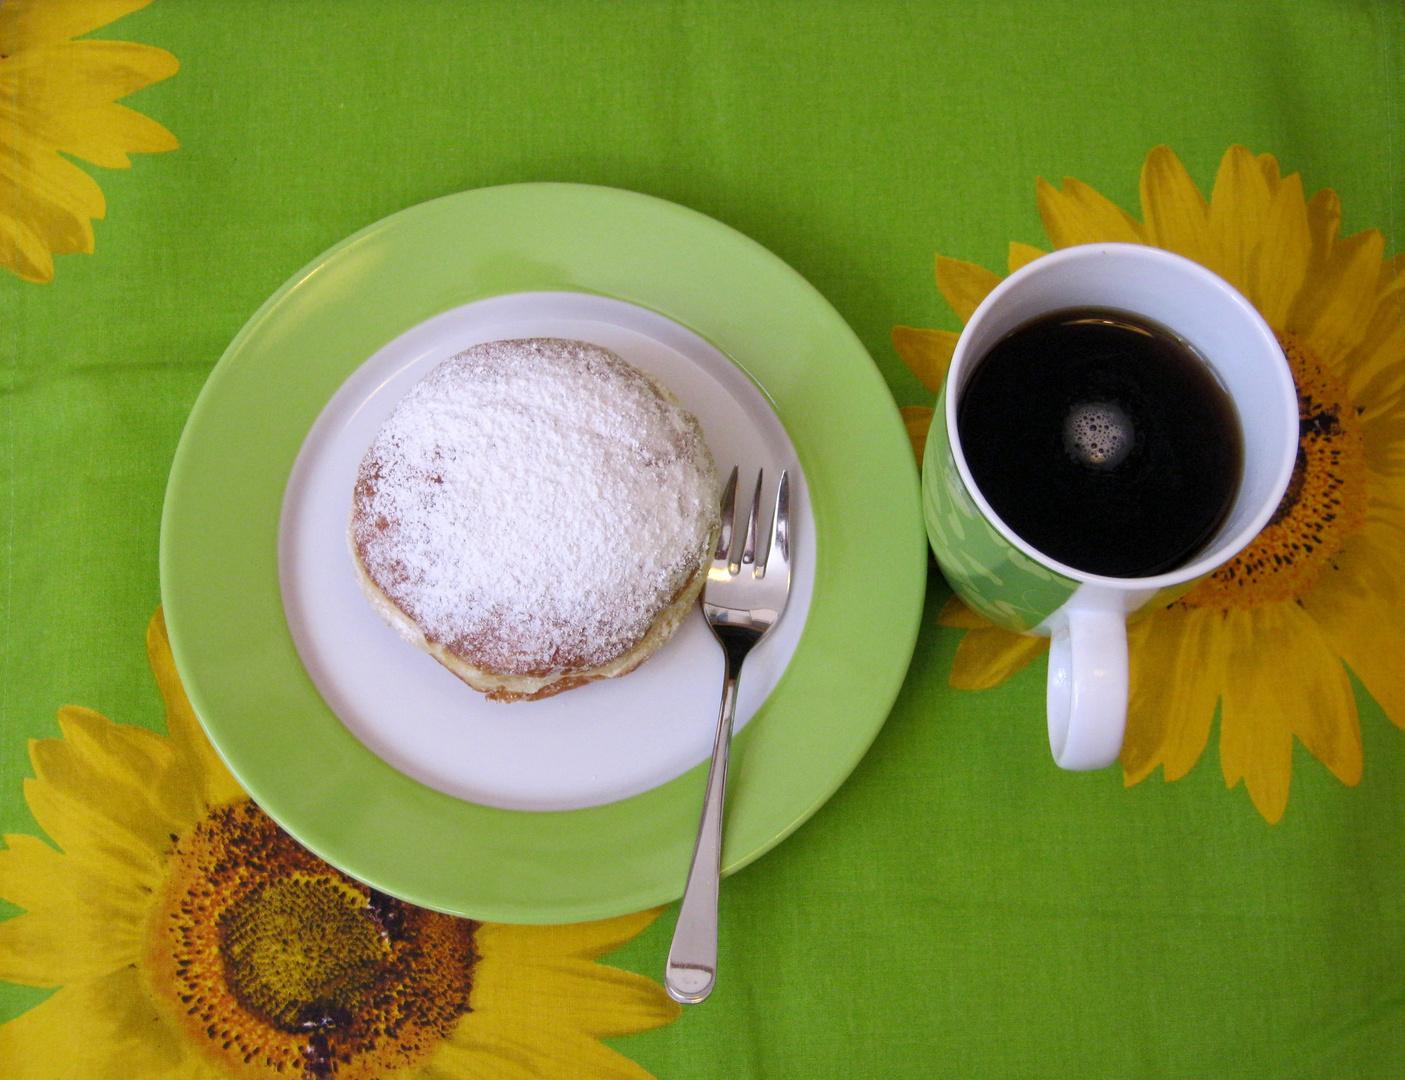 Tasse Kaffee und Krapfen